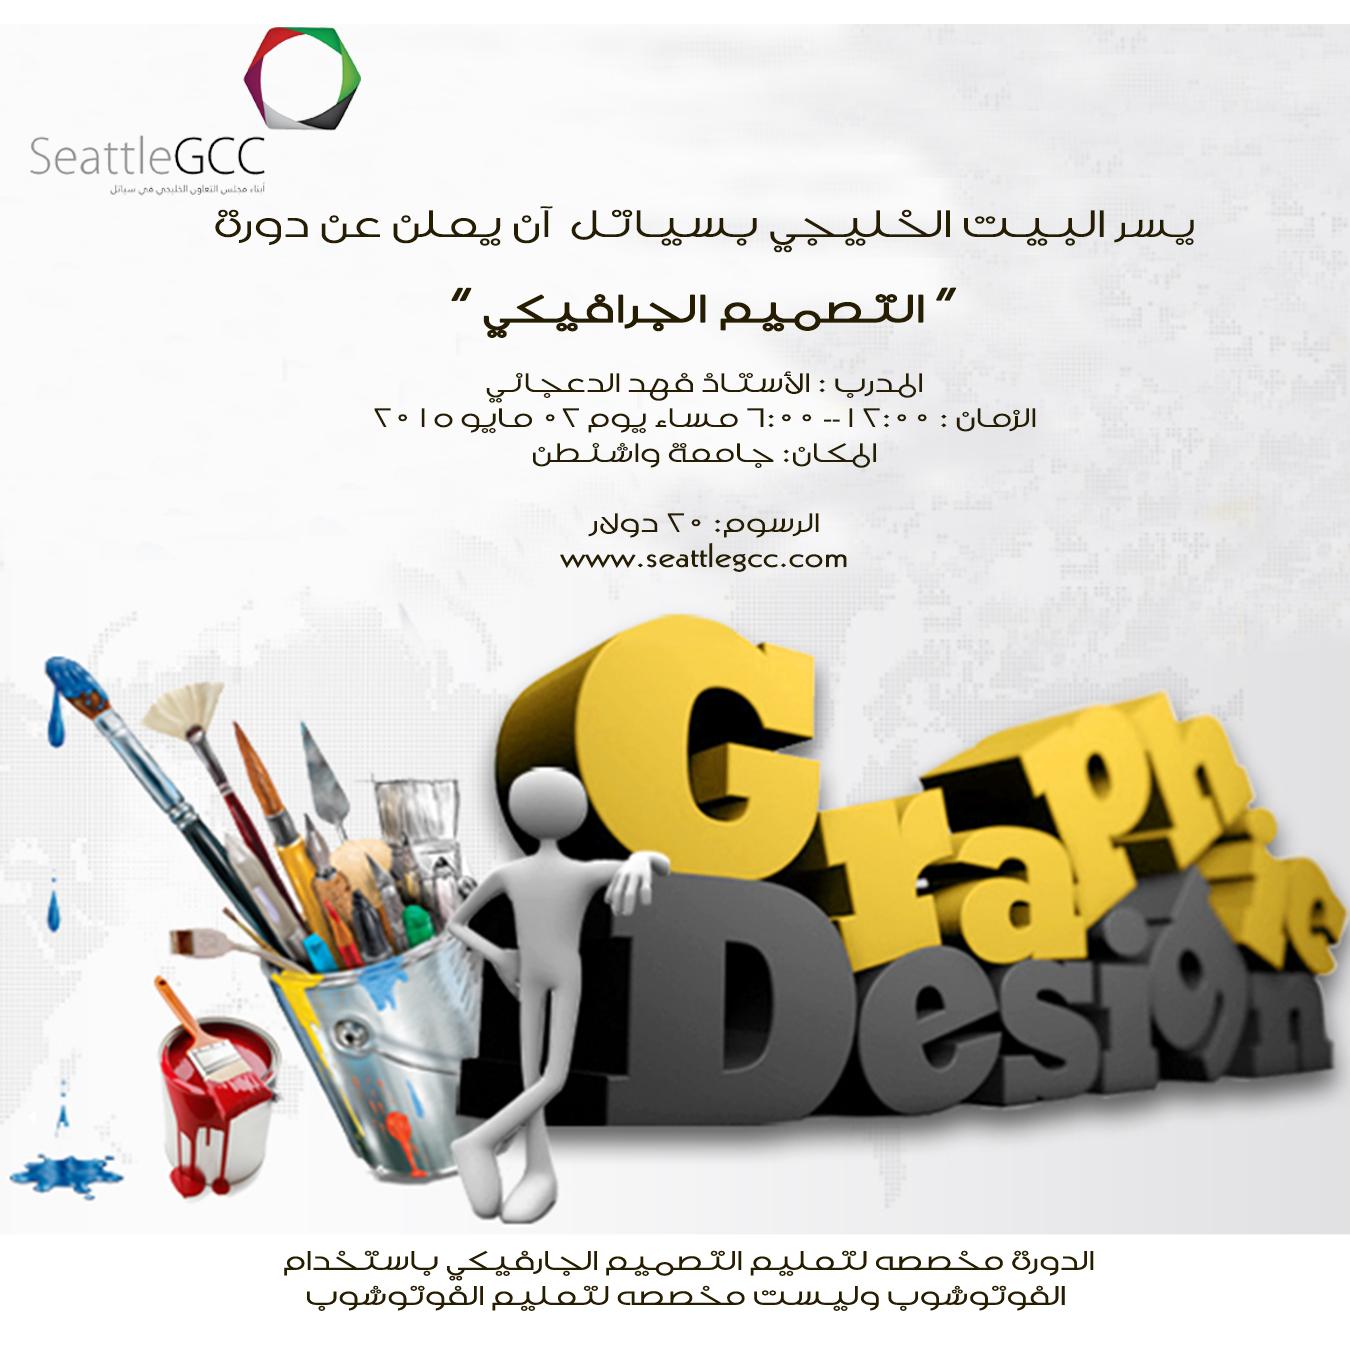 graphic design seattlegcc